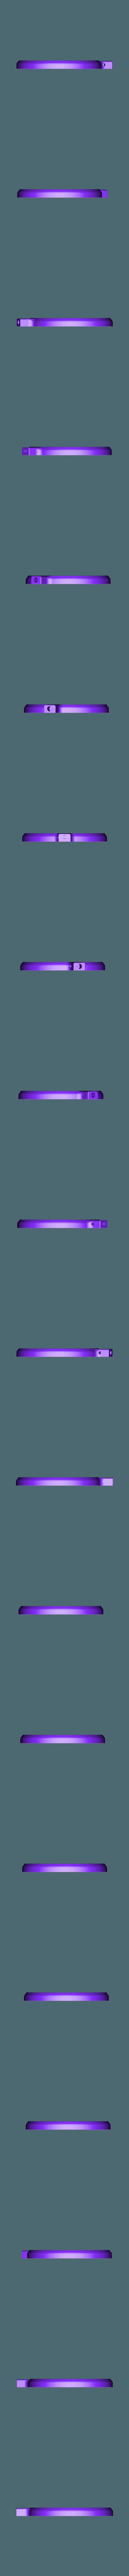 Lens_Case.stl Télécharger fichier STL gratuit Loupe avec Led Light • Modèle pour imprimante 3D, perinski